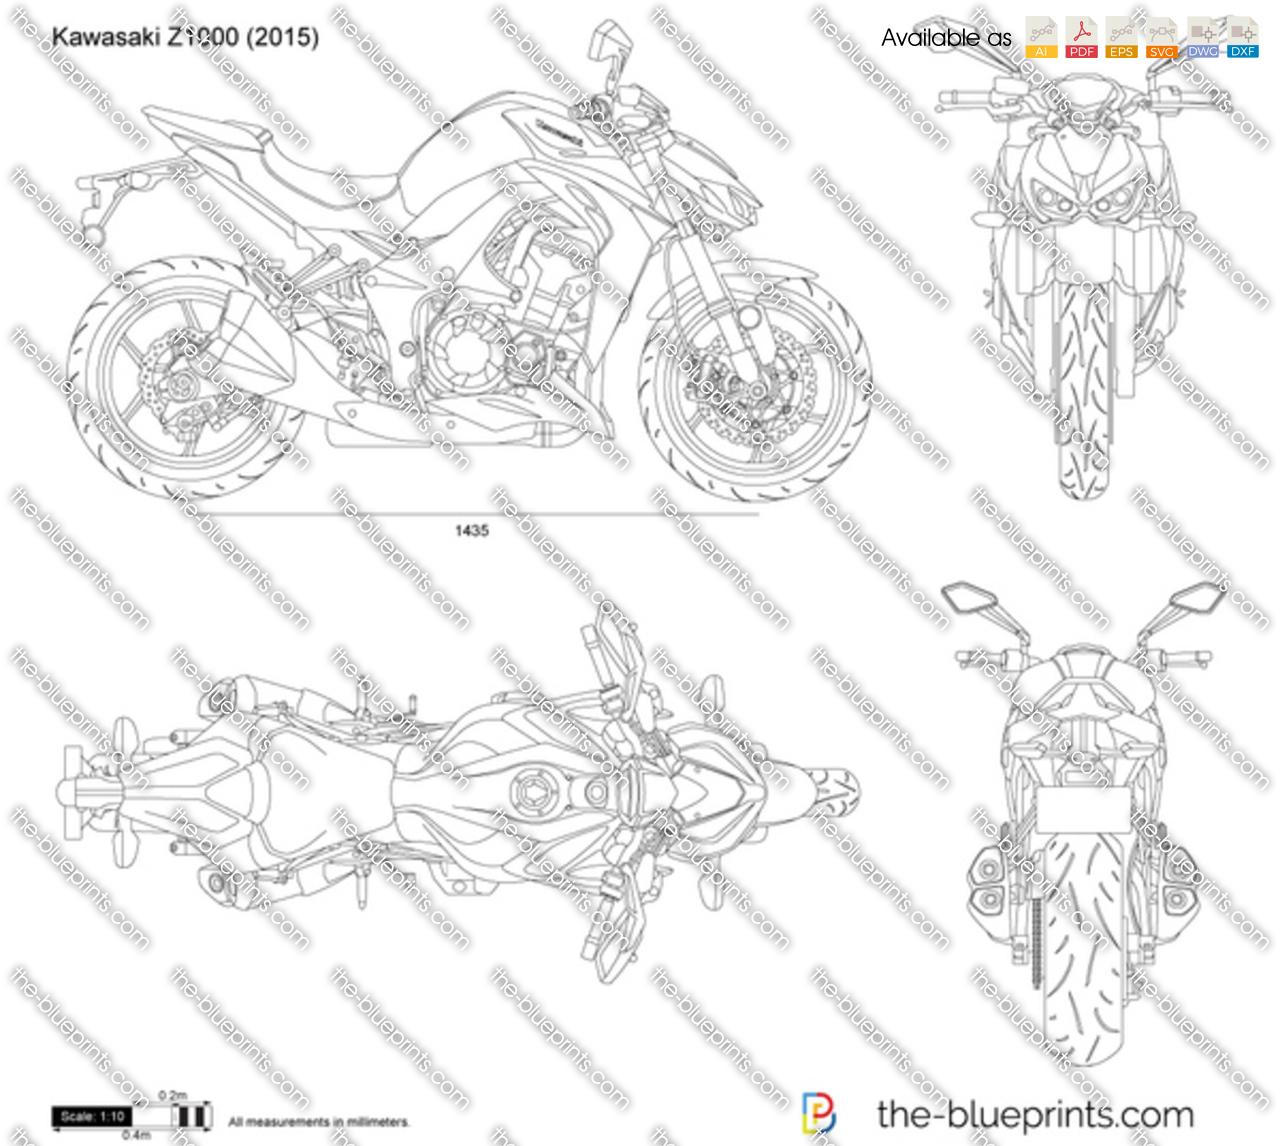 Kawasaki Z1000 vector drawing